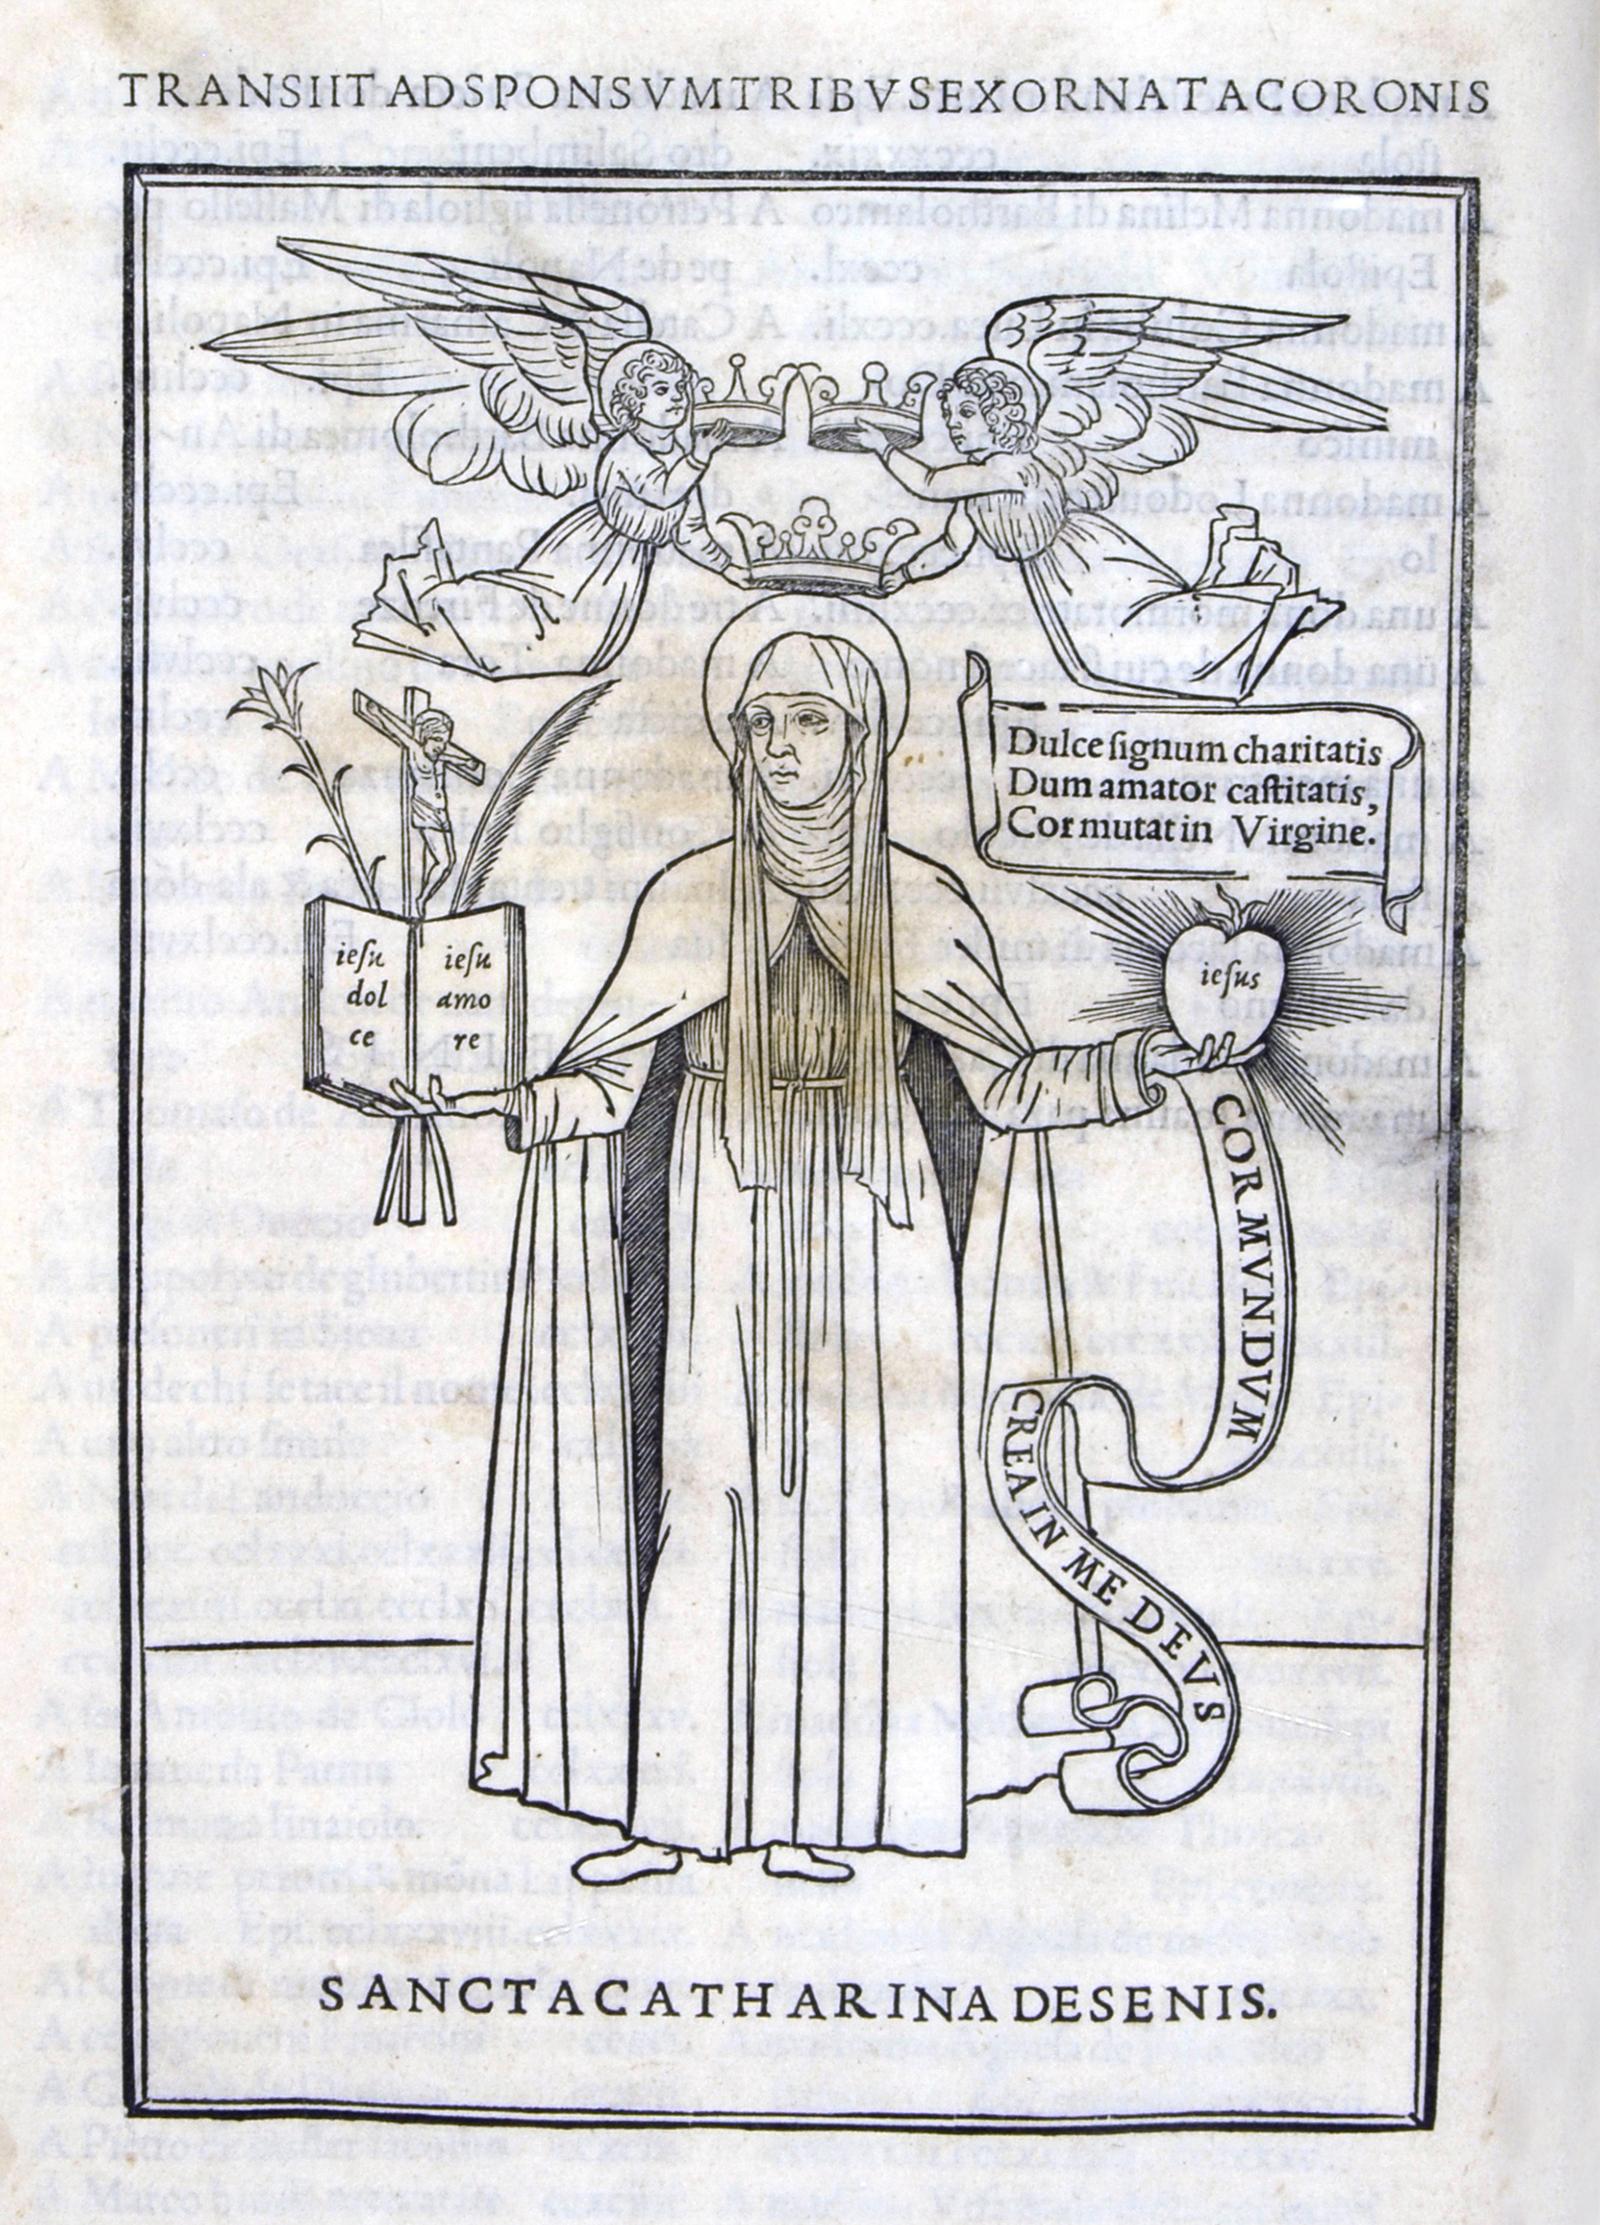 Epistole di s. Caterina da Siena, Aldo Manuzio, Venezia 1500. Biblioteca Universitaria di Bologna.